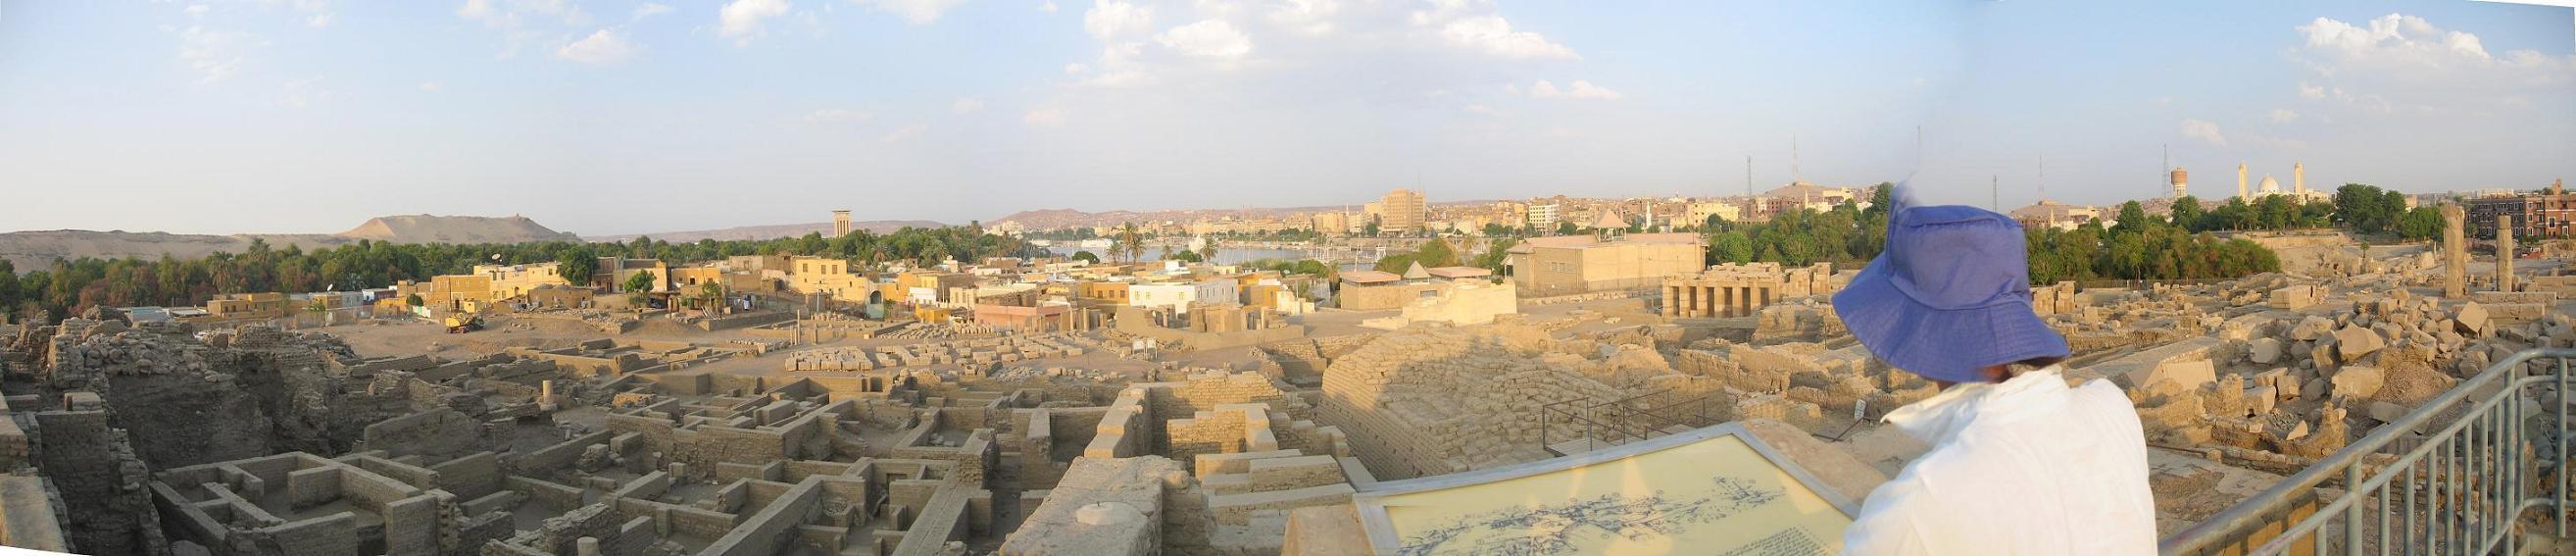 Egypt_pyramids4_1